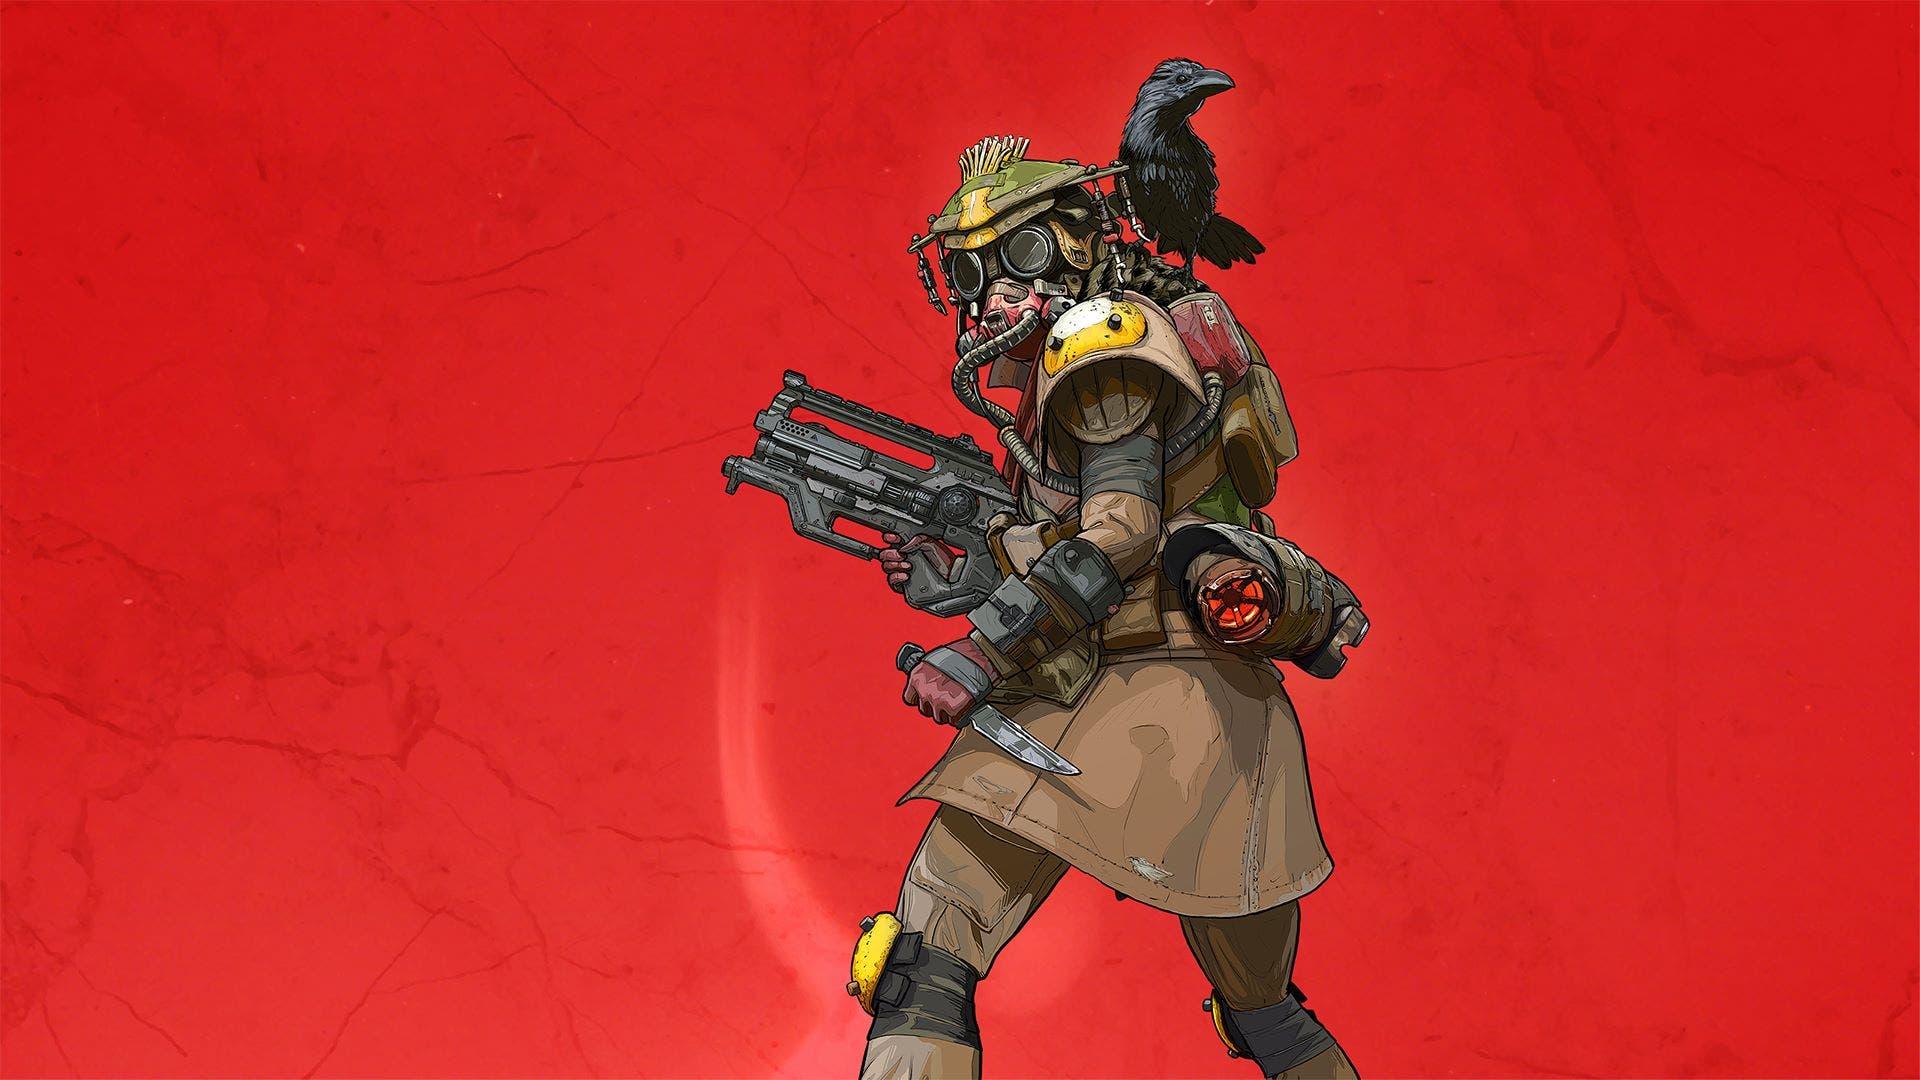 Imagen de Así es Apex Legends, la respuesta a Fortnite de los creadores de Titanfall